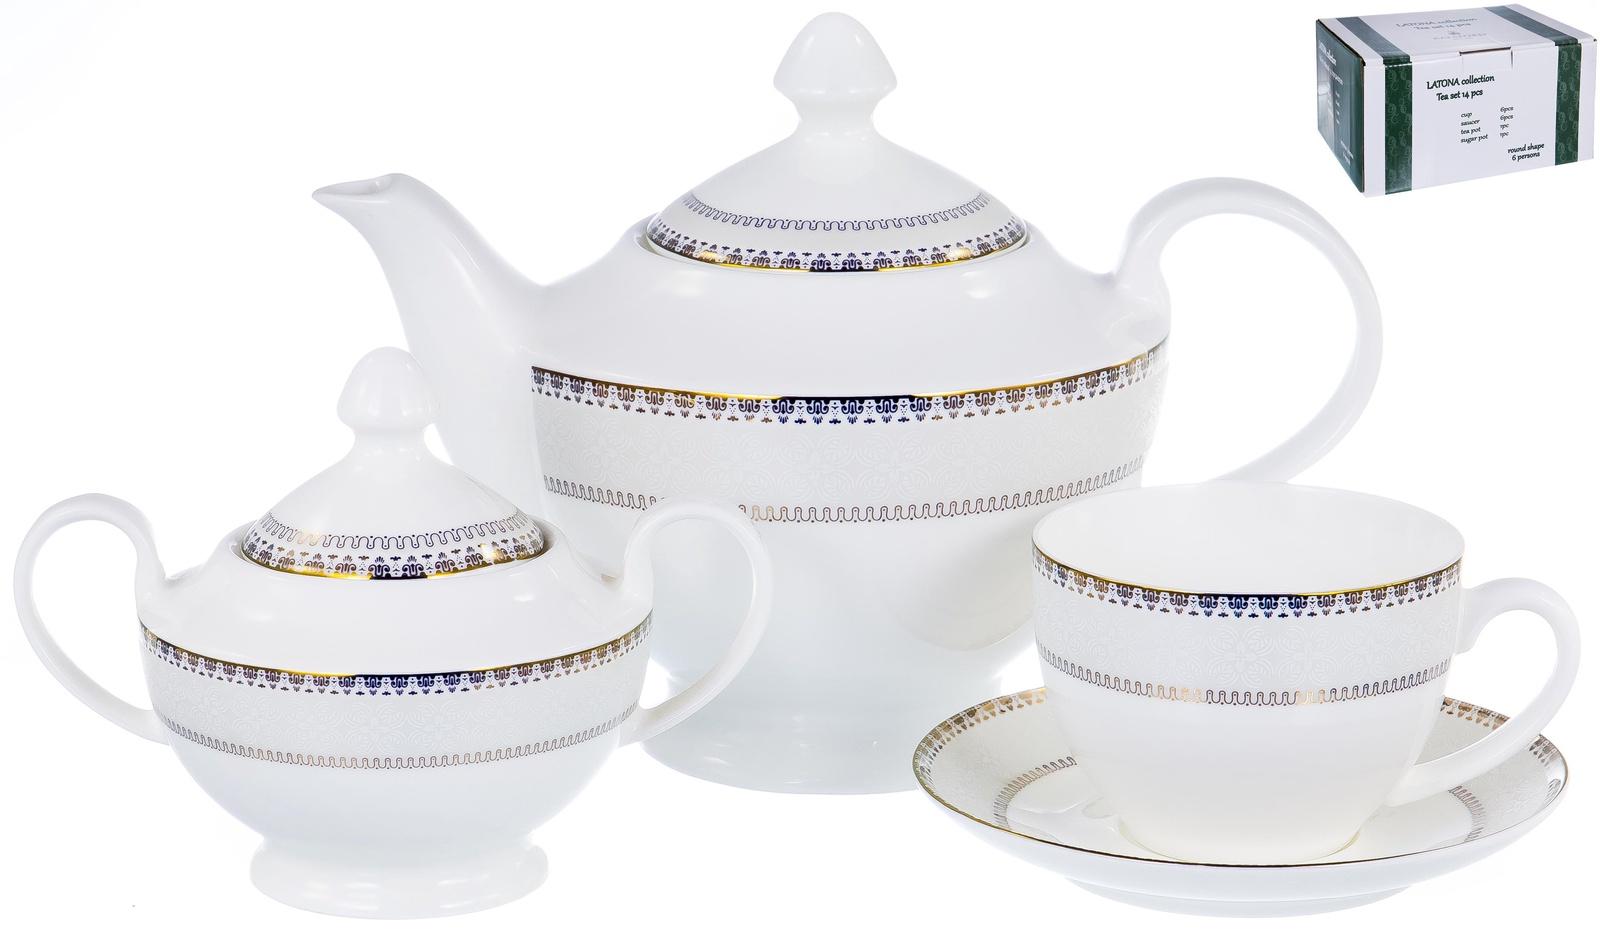 Набор чайный ЛАТОНА, серия Восточная сказка, 6 чашек 300мл, 6 блюдец , чайник 1200мл с крышкой , сахарница 470 мл с крышкой, NEW BONE CHINA, декор - цветочный орнамент, цветная упаковка, ТМ Balsford, артикул 104-03027